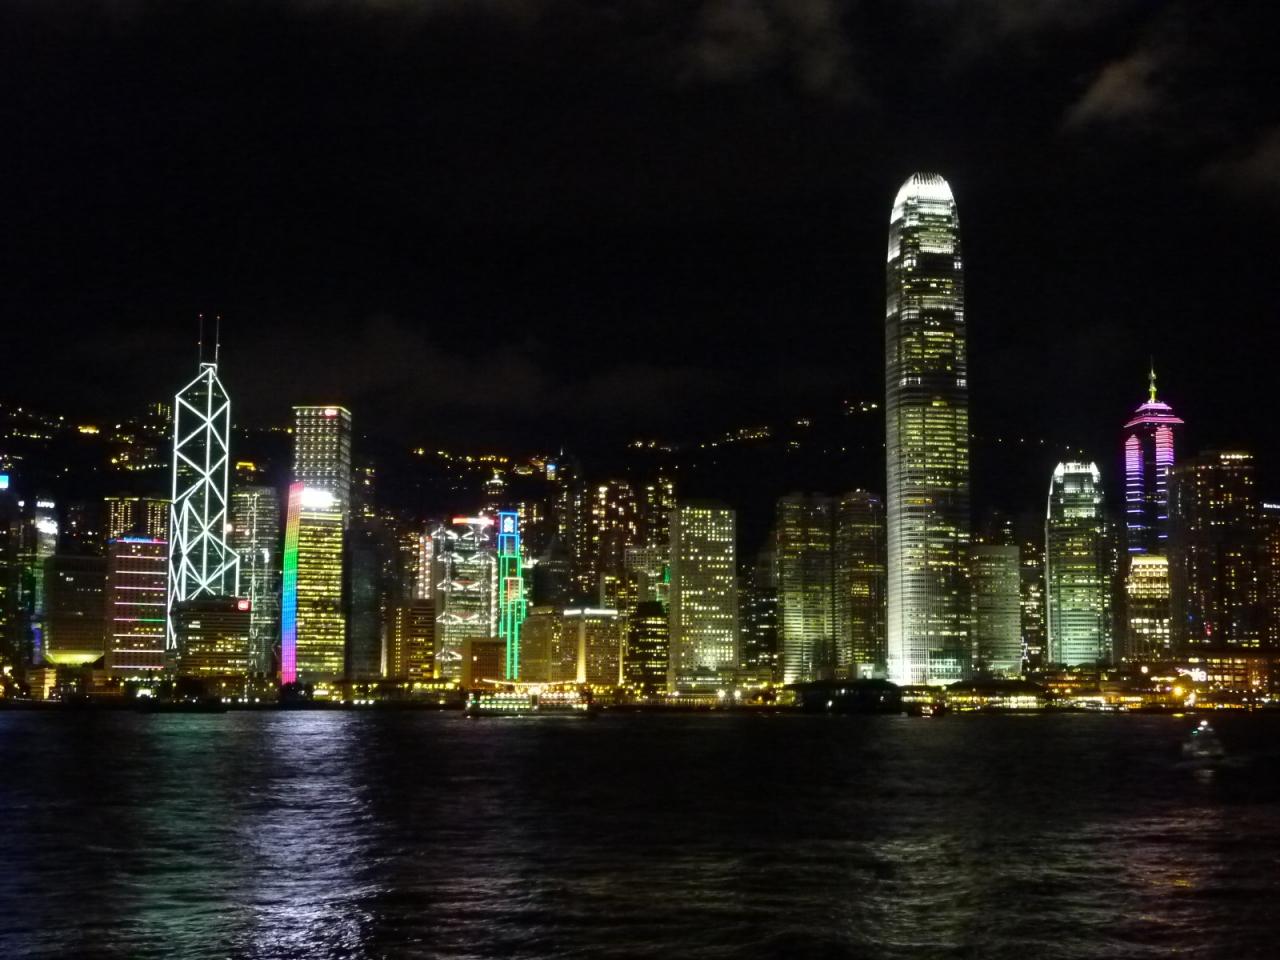 香港二人旅4日間』香港(香港)の旅行記・ブログ by meriiさん【フォー